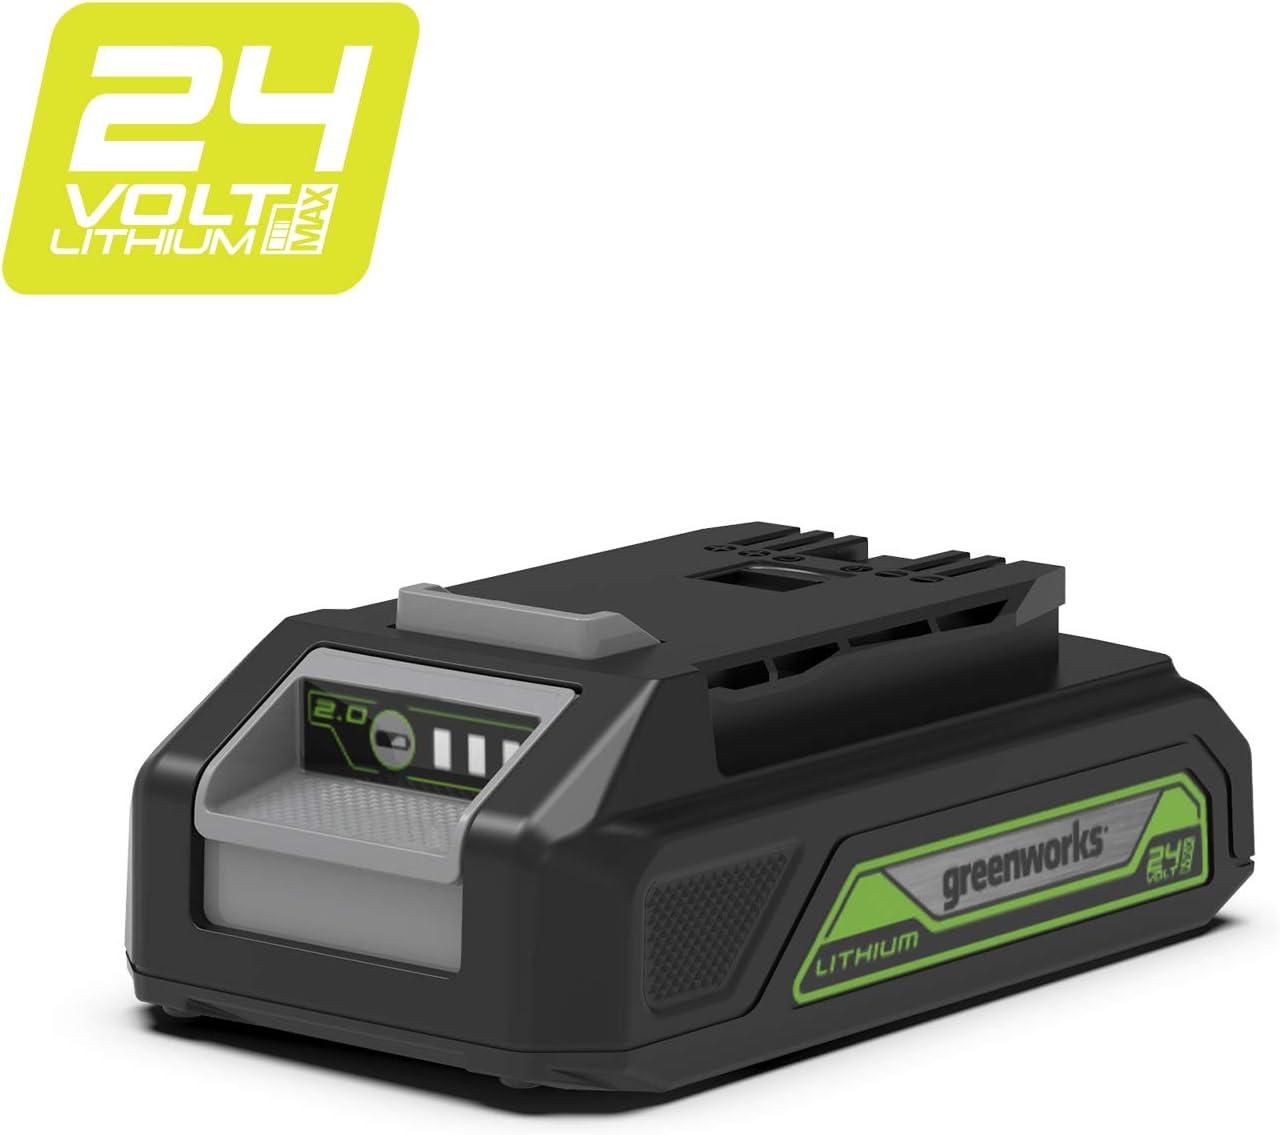 Batería de iones de litio de 24V y 2.0Ah de GREENWORKS - G24B2